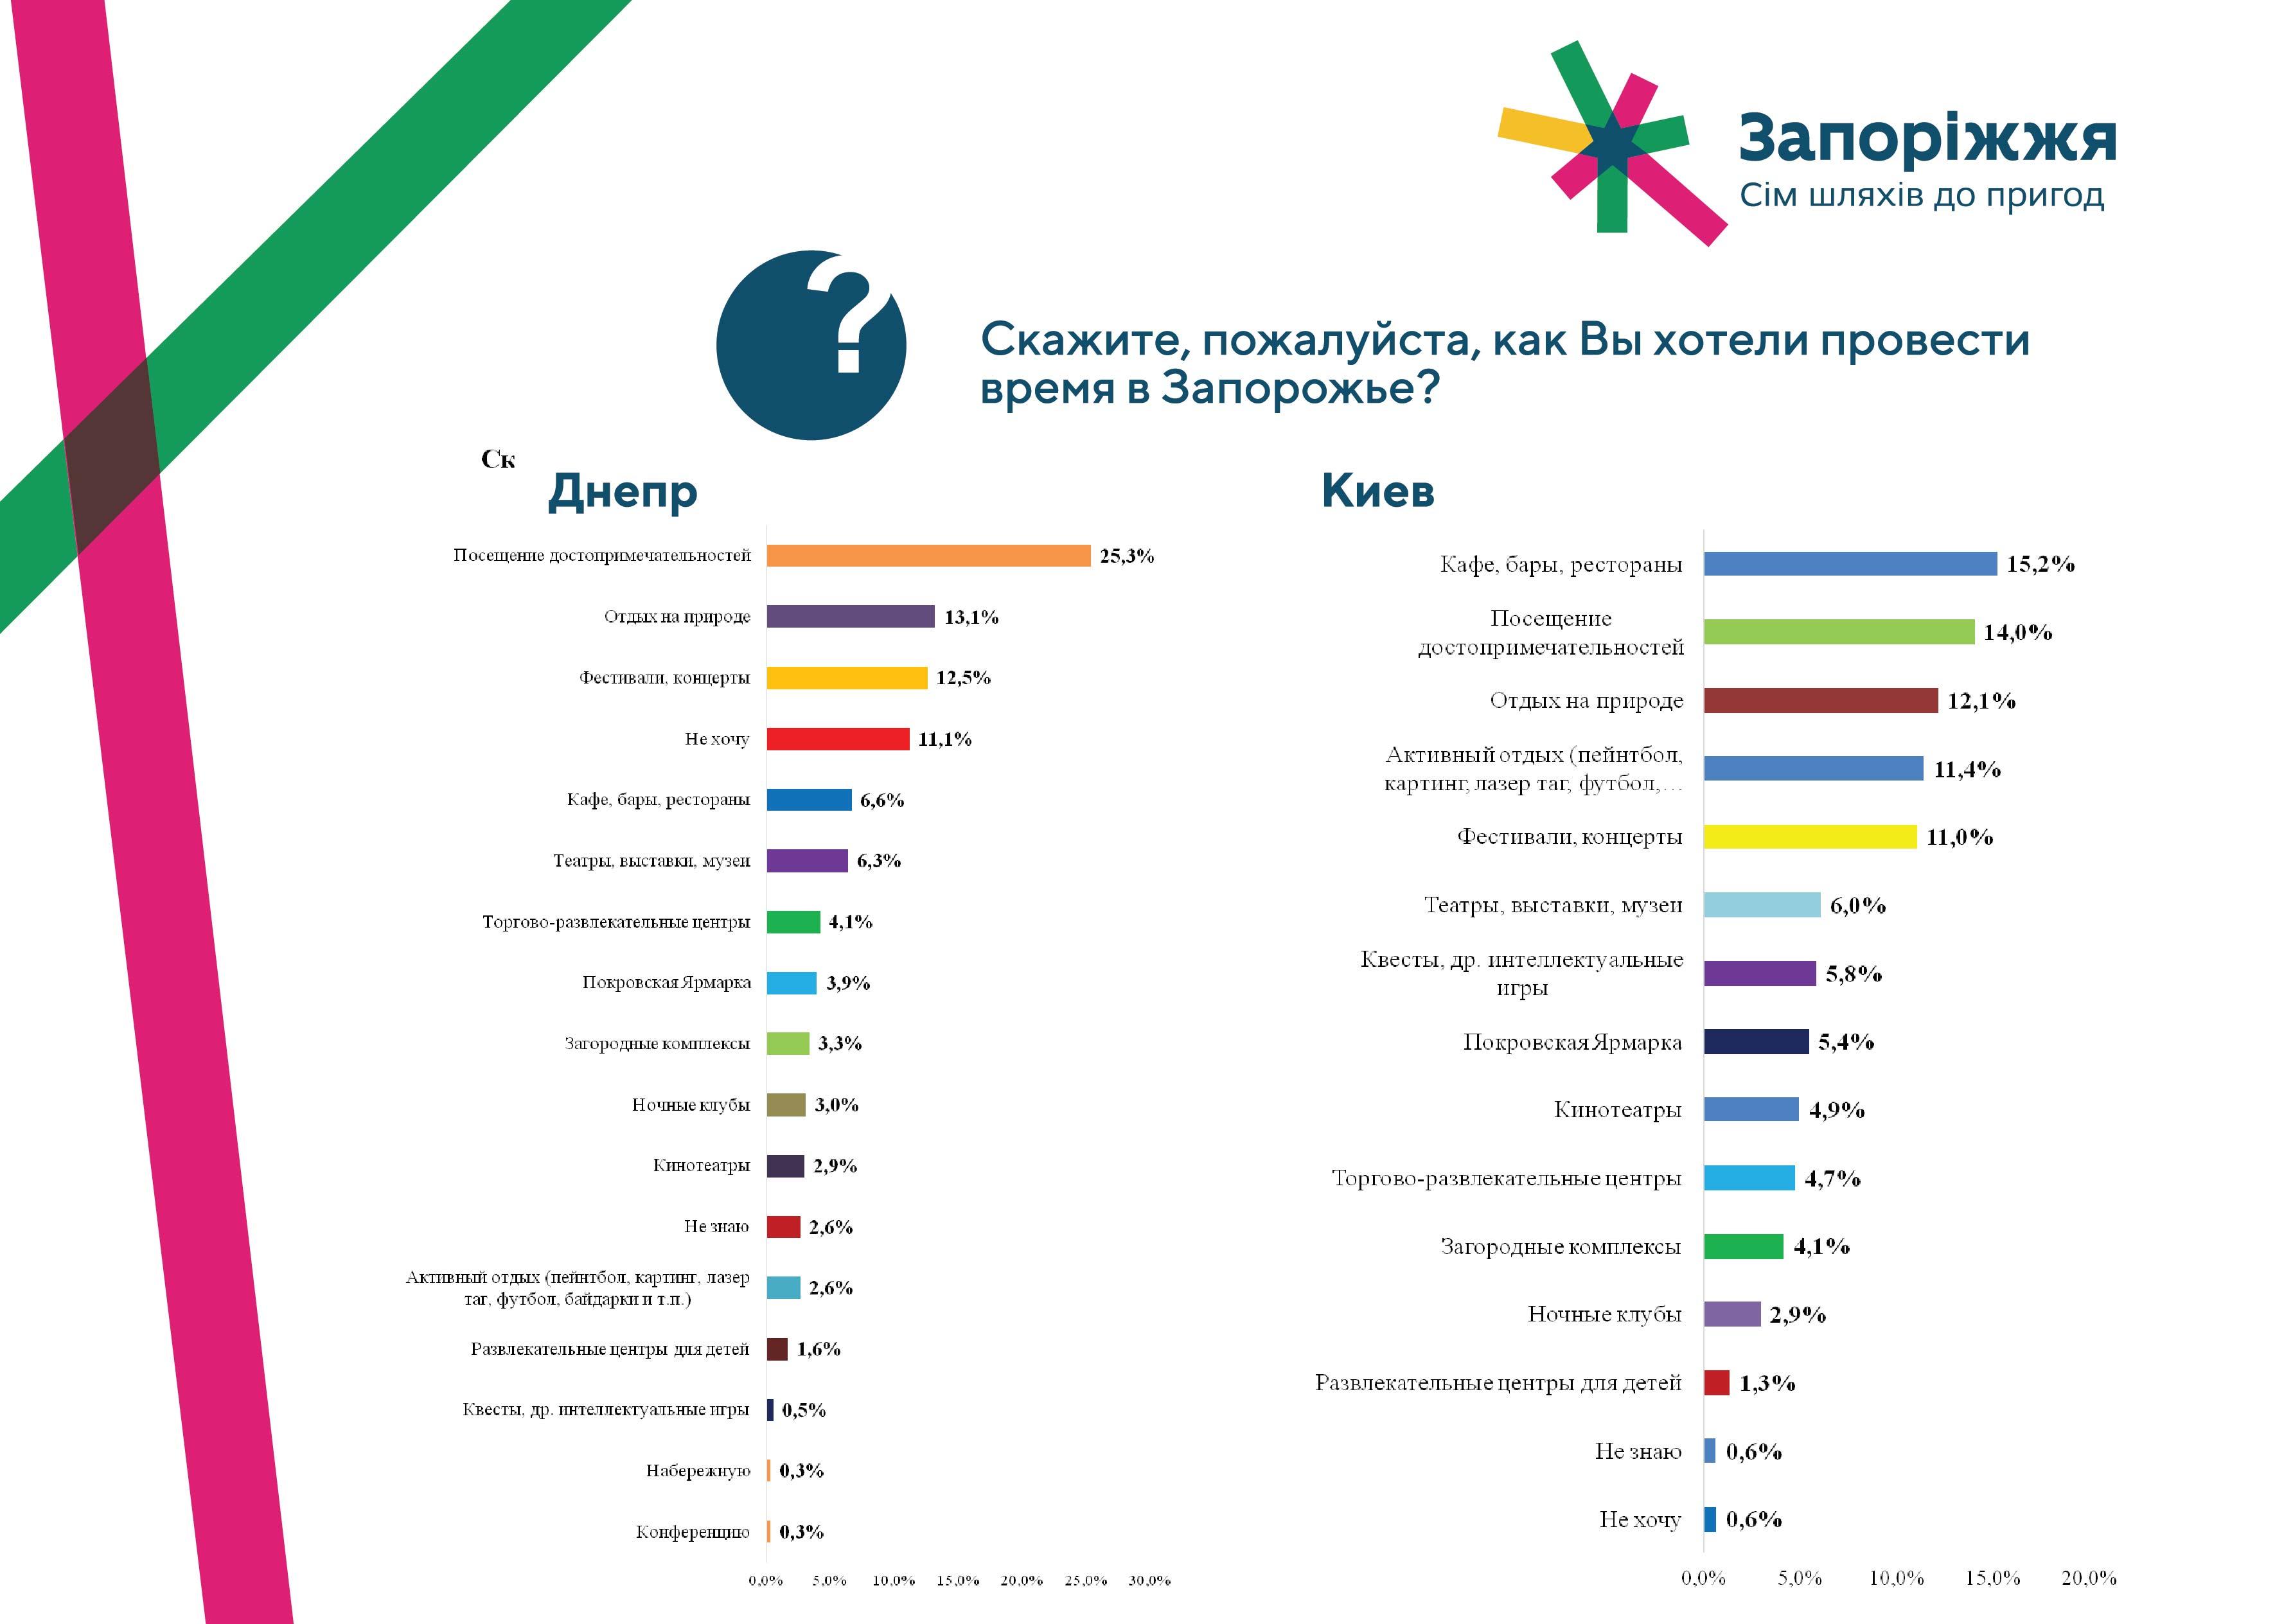 презентация-днепр-киев-16.jpg